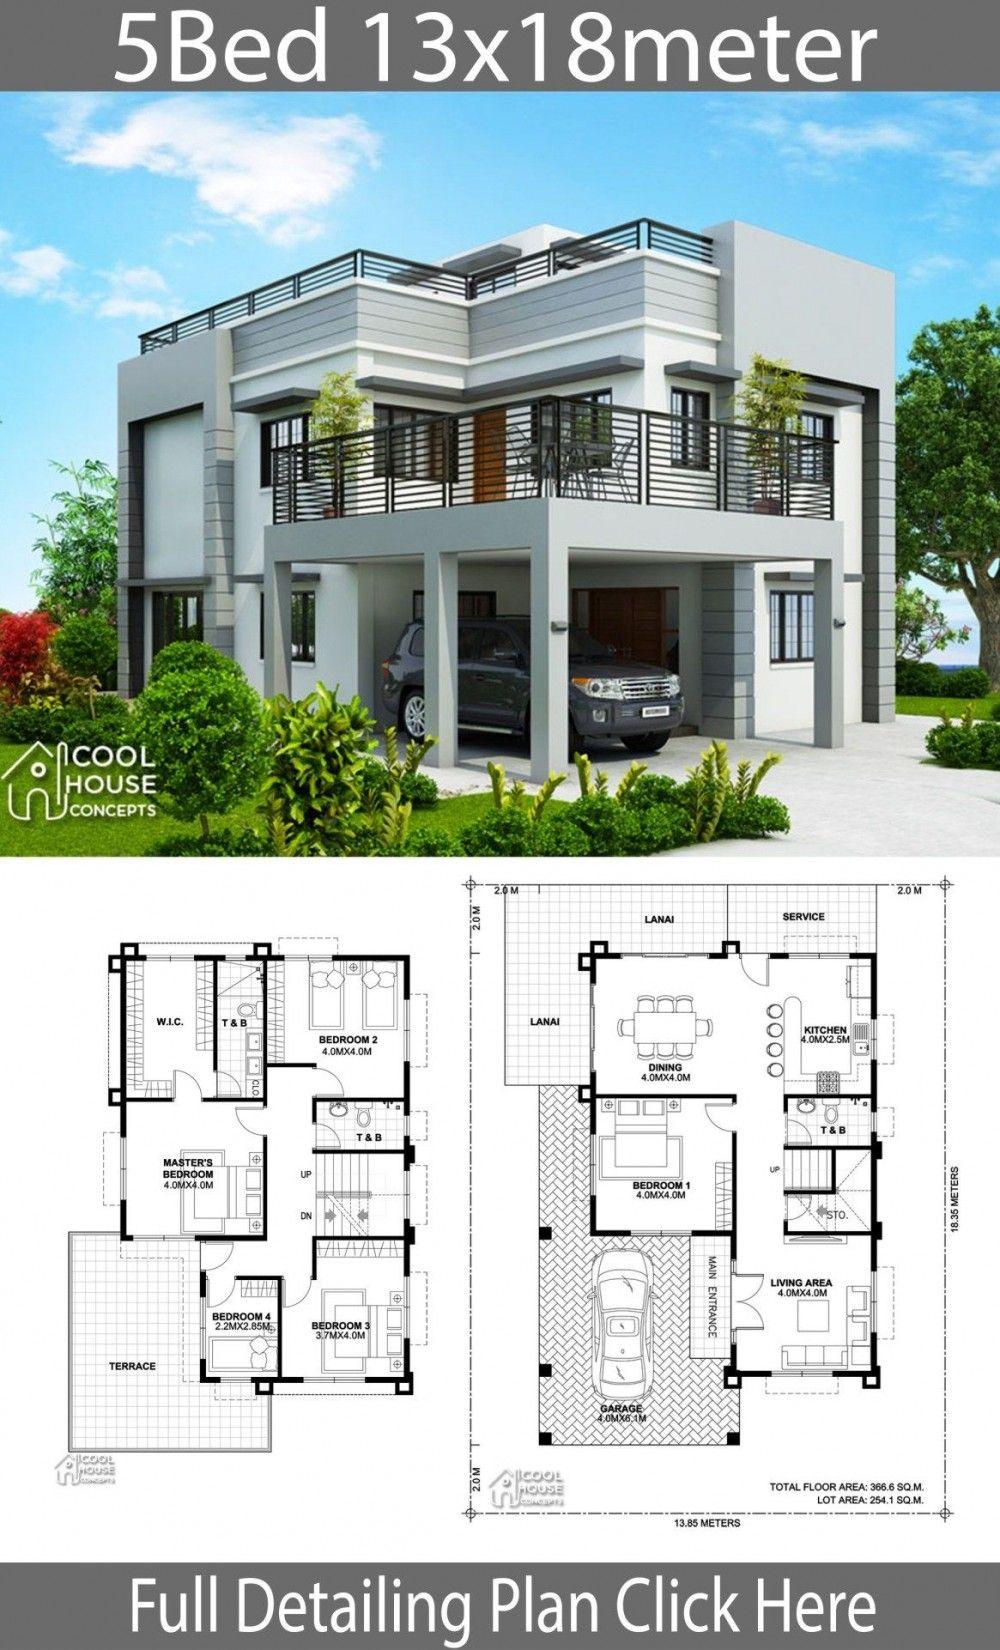 Plan De Design De Maison 13x18m Avec 5 Chambres A Coucher Architectural House Plans Model House Plan Modern House Plans